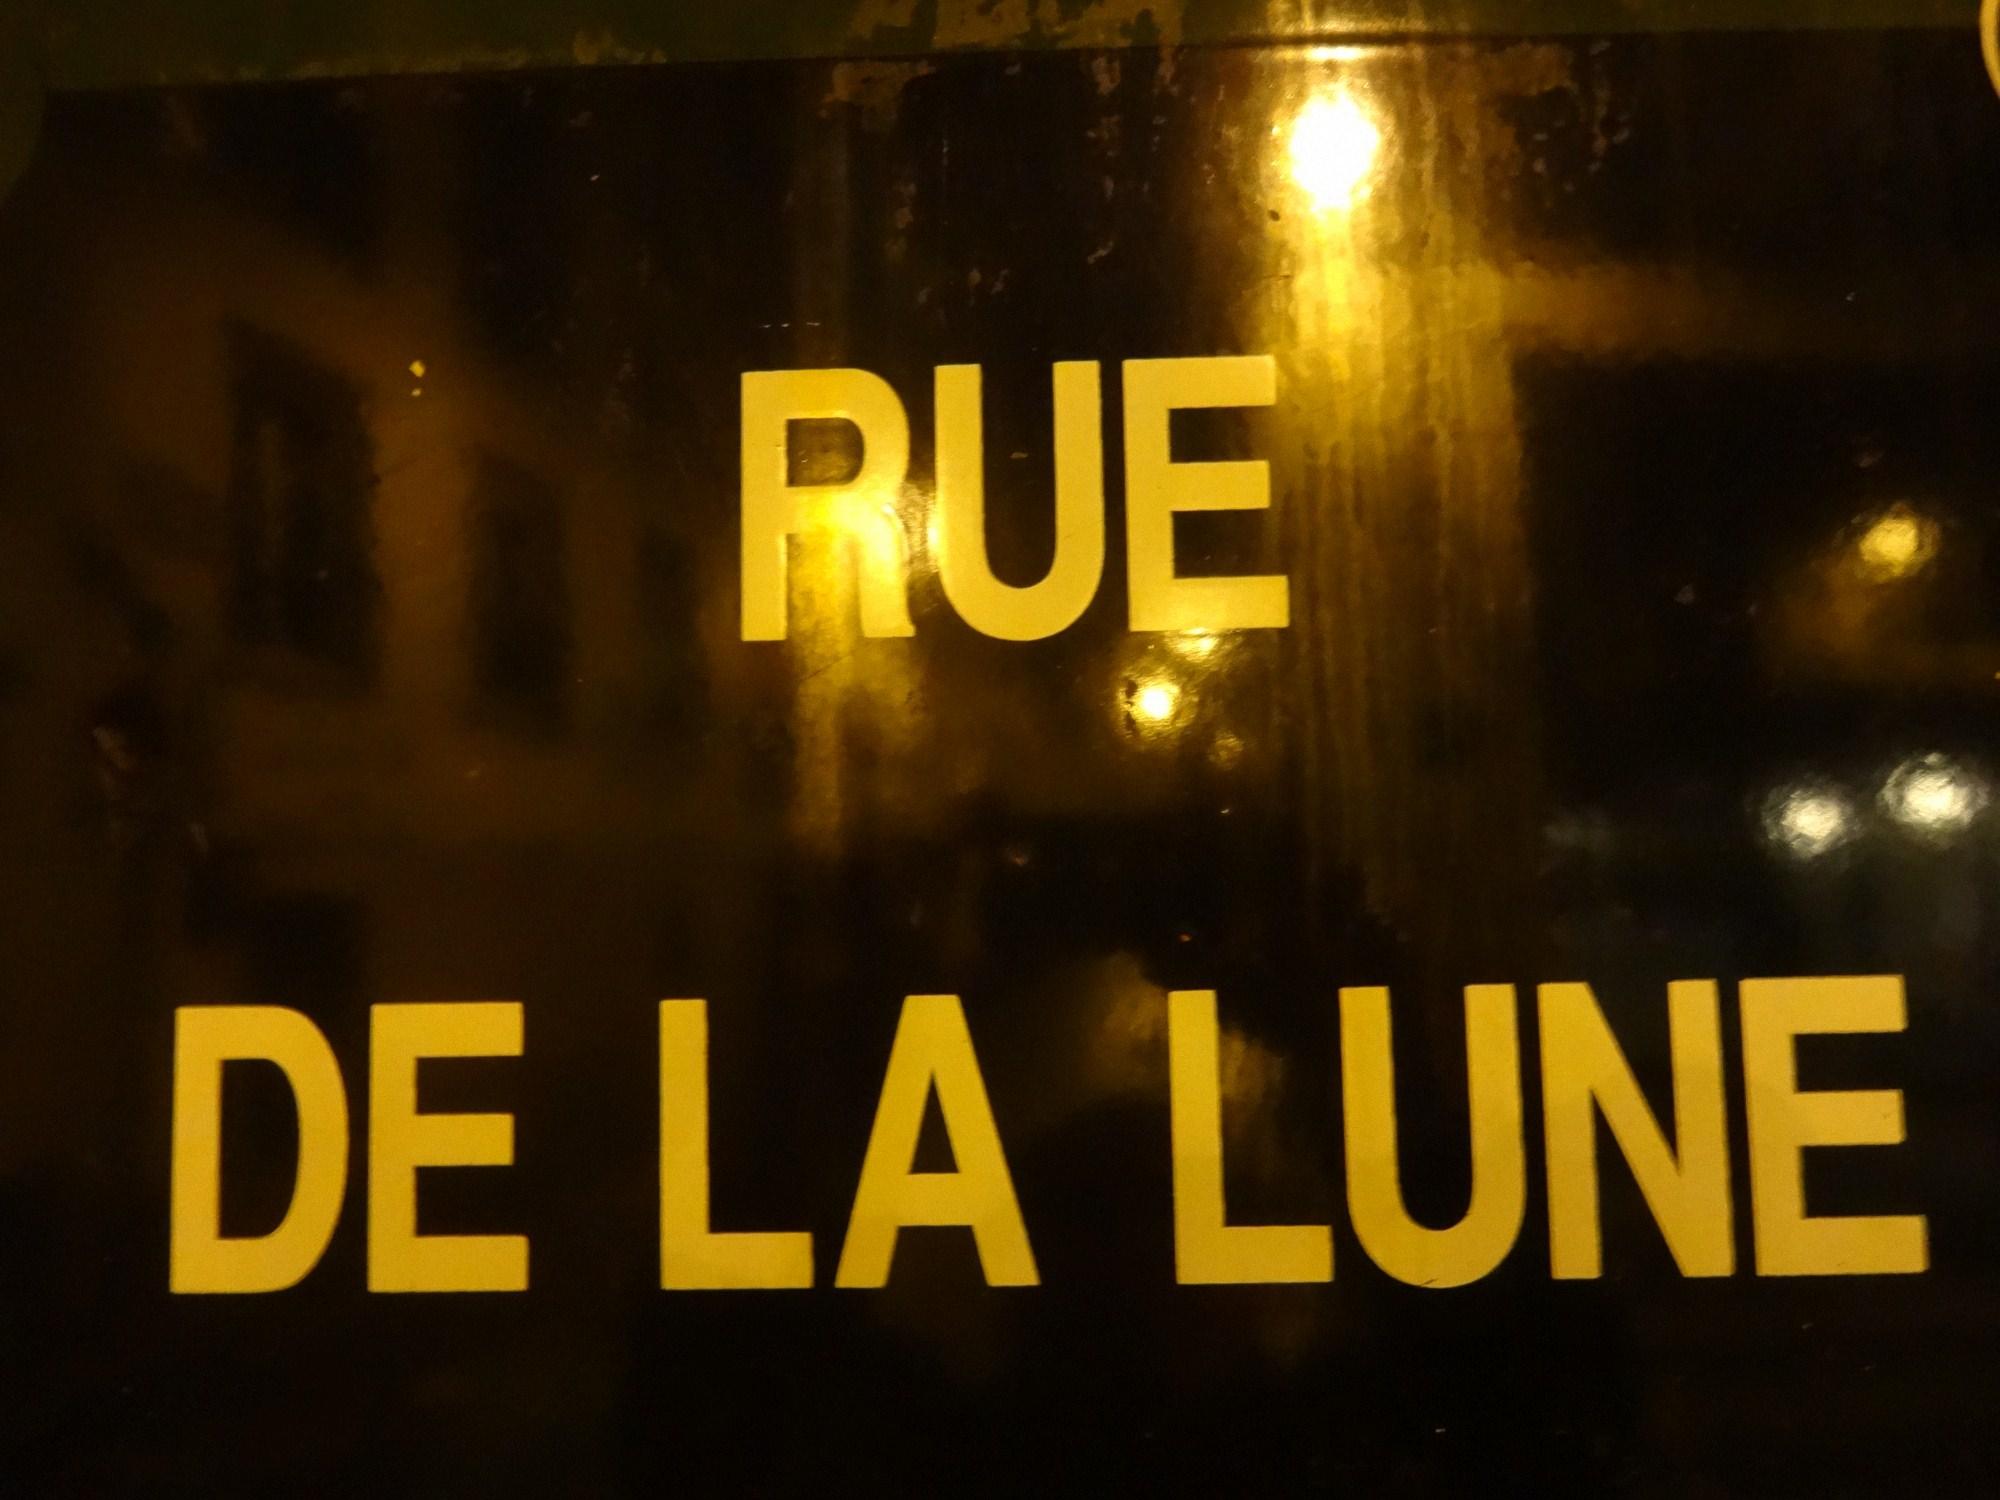 Rue de la Lune. Photographed by Ivan Stanev